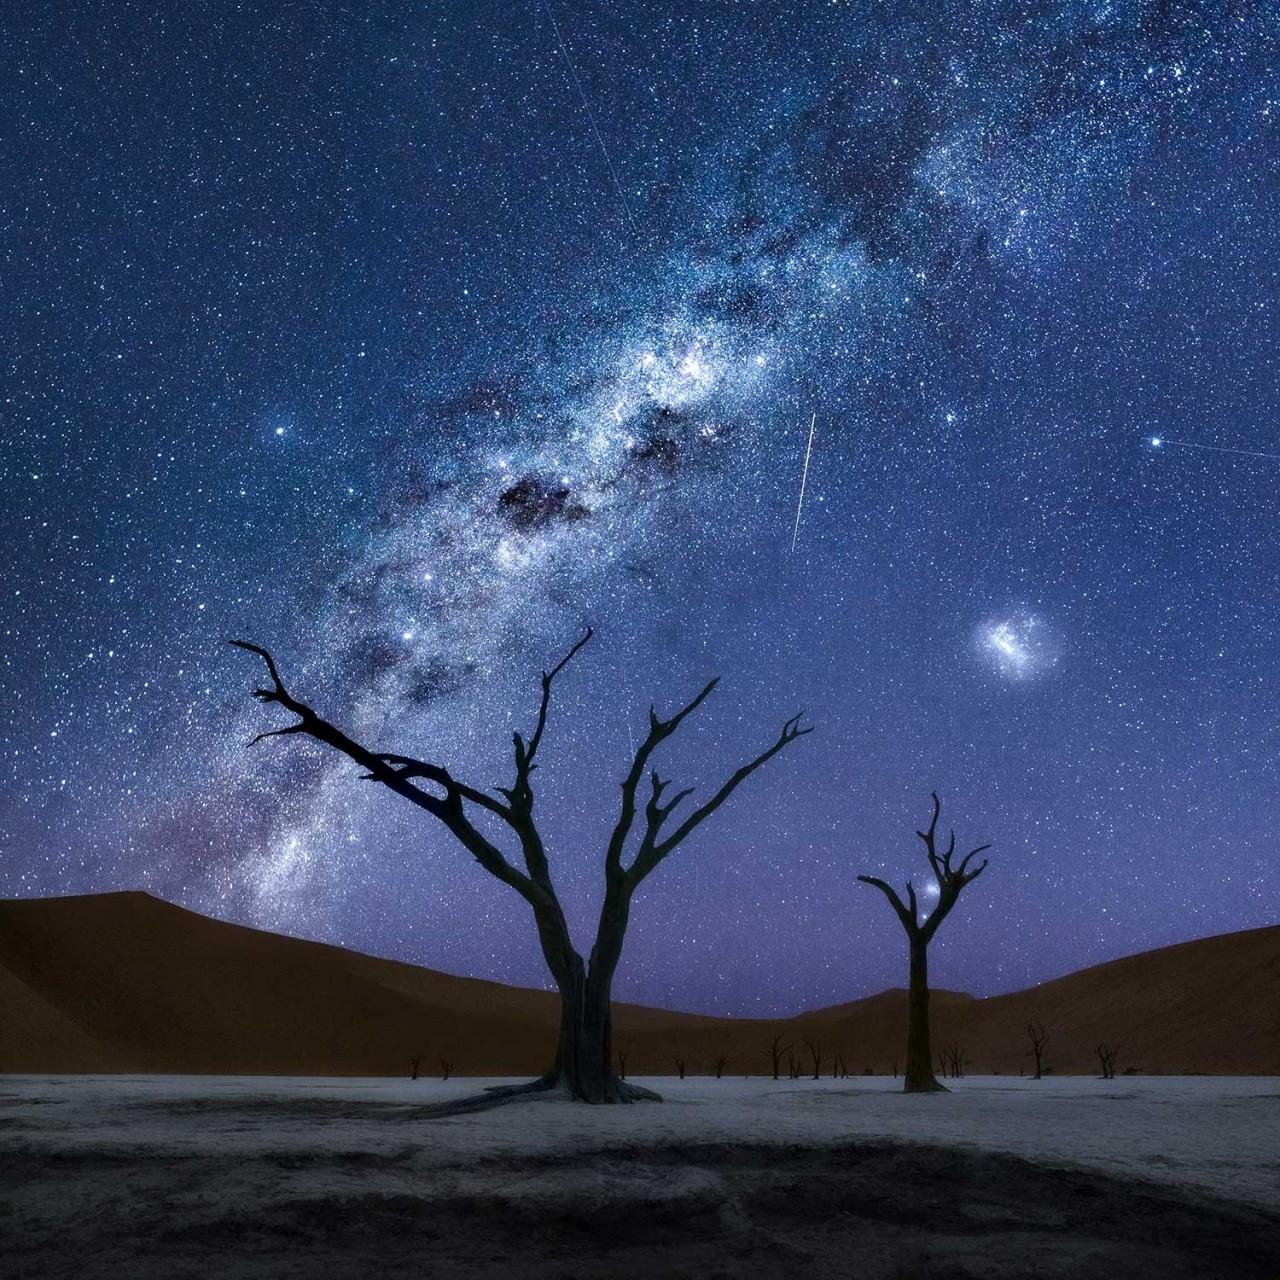 3 место в номинации «Пейзажный фотограф года» 2020. Под небом Намибии. Автор Изабелла Табаччи